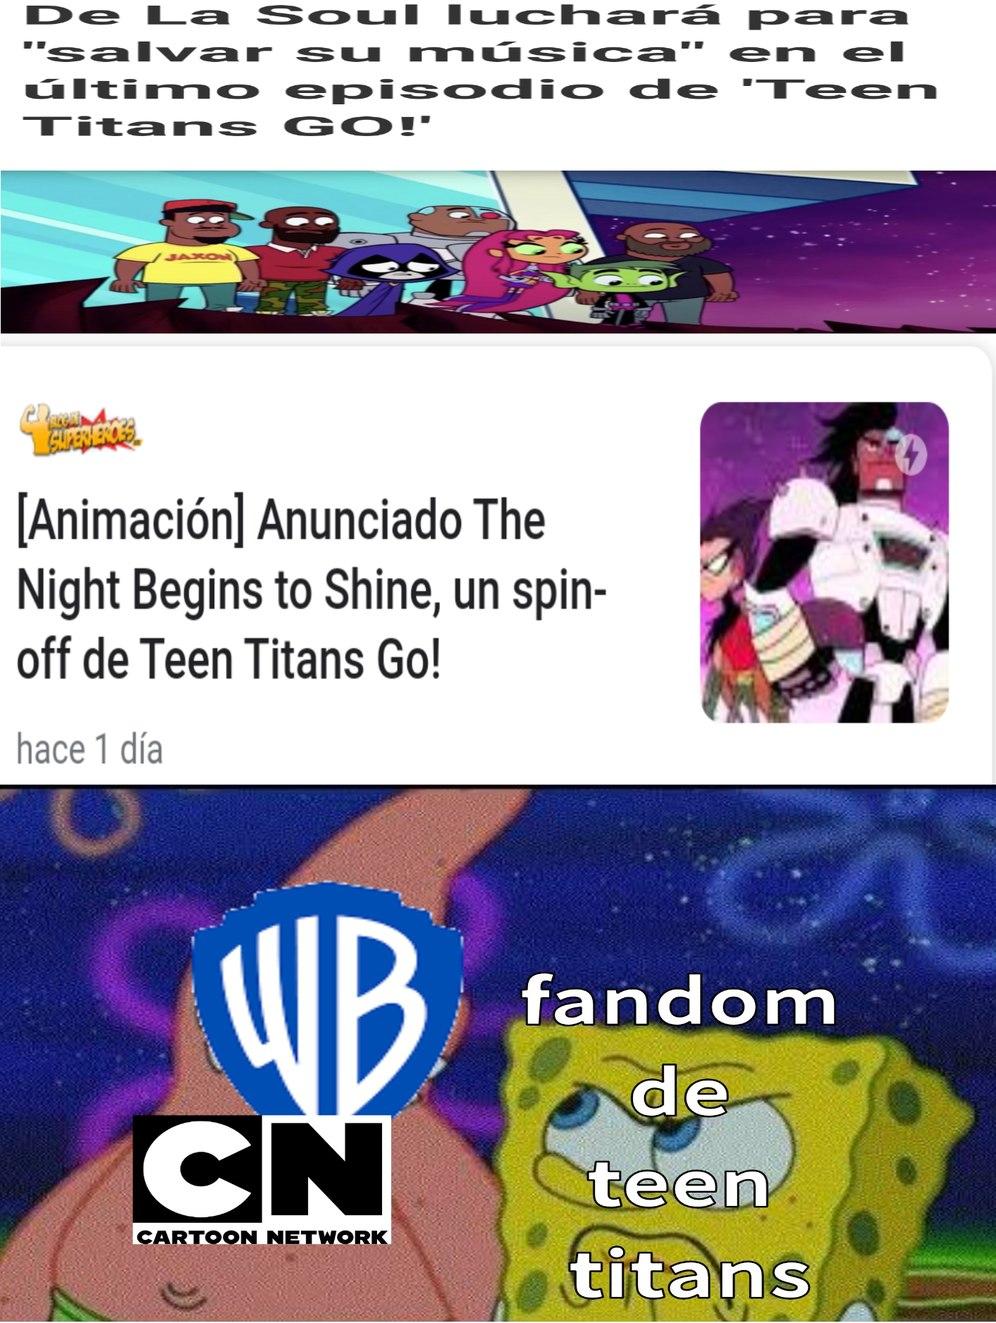 Por algo la gente prefiere Dreamworks o disney más que Warner Bros - meme